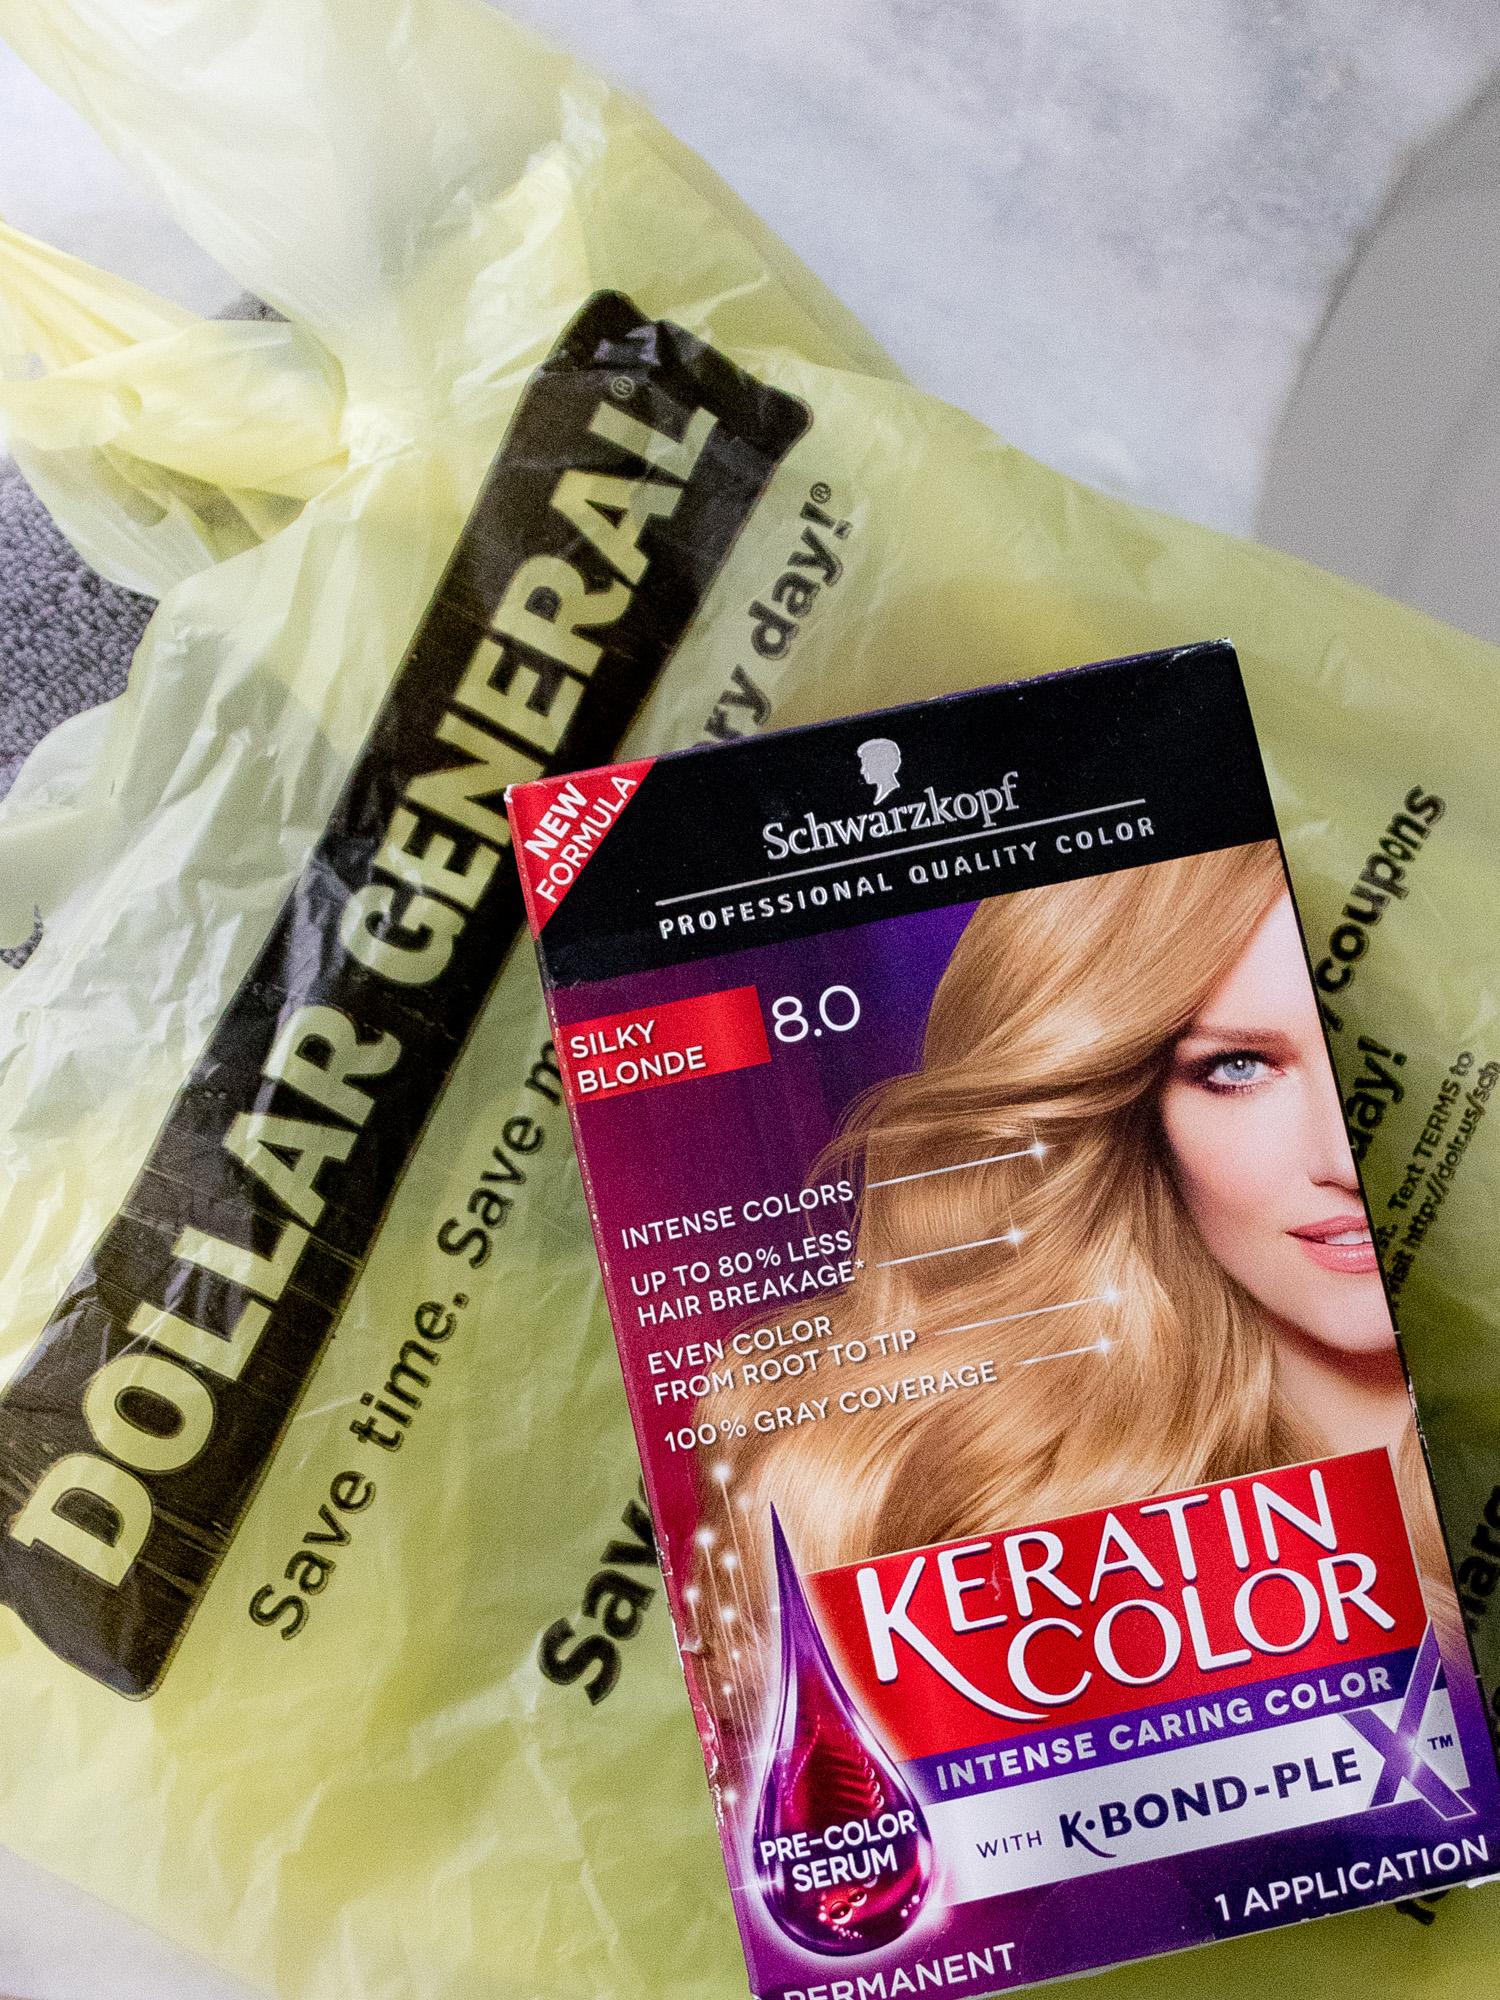 Keratin Color at Dollar General